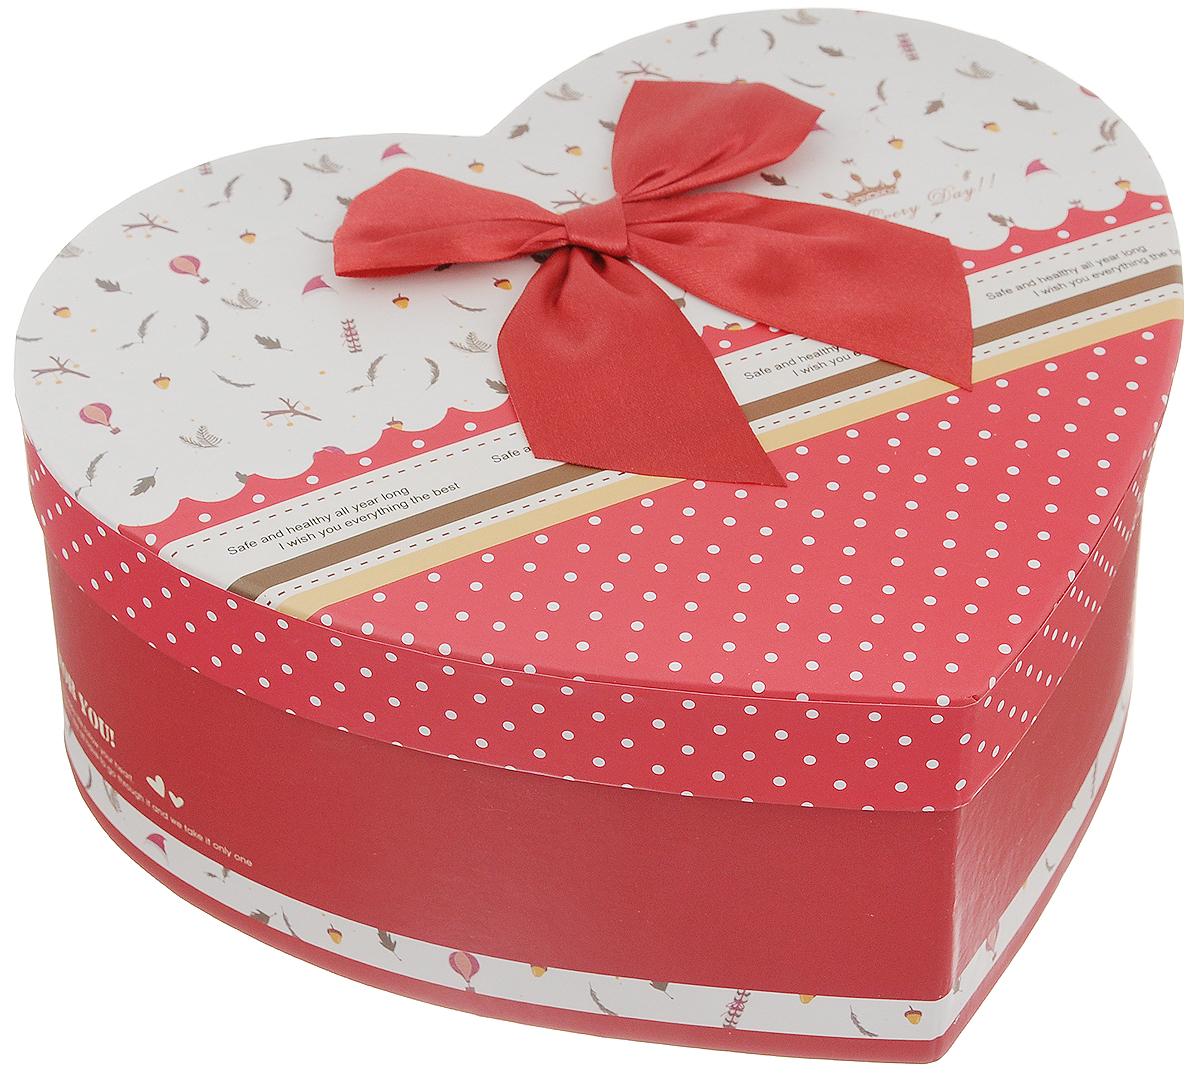 Коробка подарочная Packing Symphony Счастливой жизни, цвет: красный, белый, 20 х 22 х 9 см80037019Подарочная коробка Packing Symphony Счастливой жизни выполнена из картона и декорирована текстильным бантом. Изделие выполнено в виде сердца. Это один из самых оригинальных вариантов упаковки для подарка. Любой, даже самый нестандартный подарок упакованный в такую коробку, создаст момент легкой интриги, а плотный картон сохранит содержимое в первоначальном виде. Оригинальный дизайн самой коробки будет долго напоминать владельцу о трогательных моментах получения подарка.